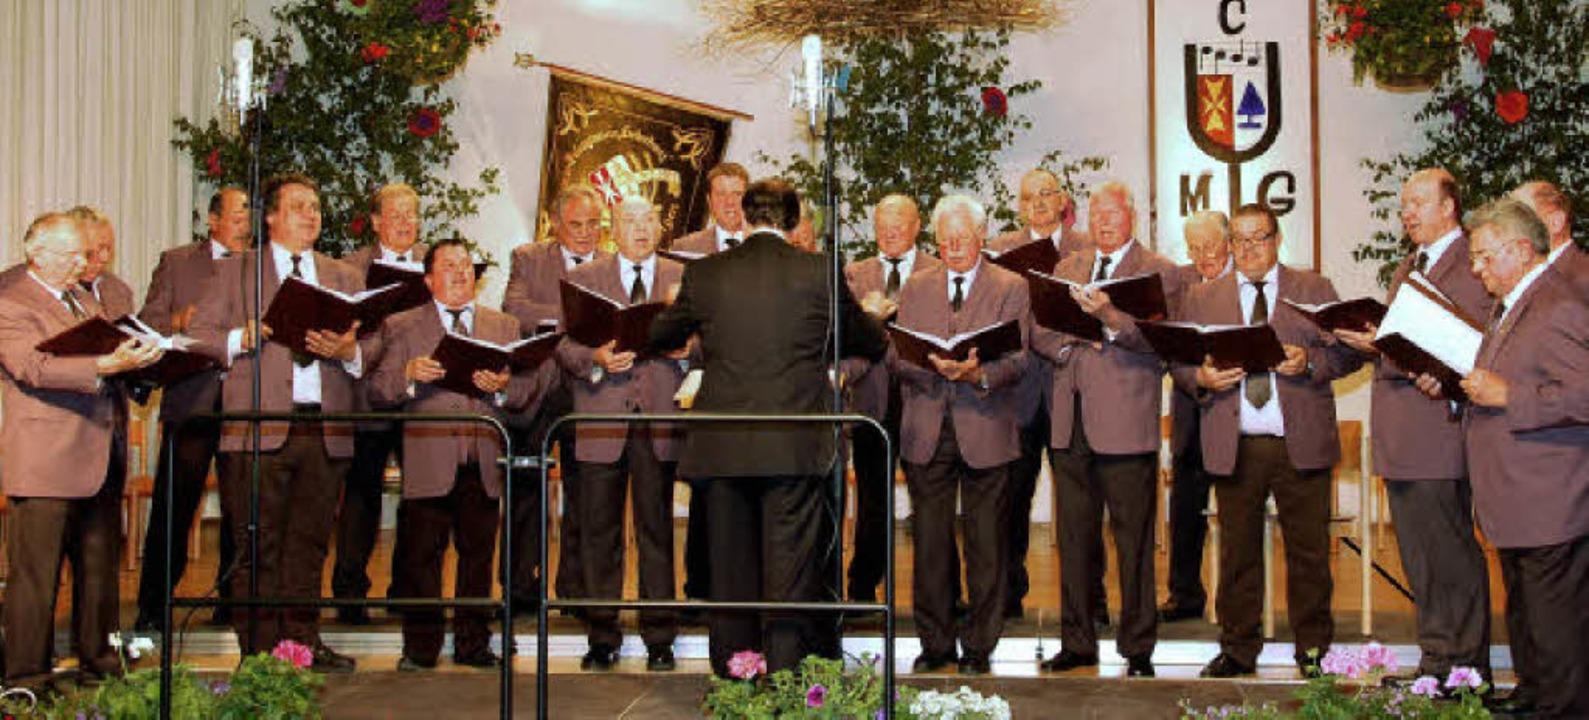 In der Malteserhalle in Gündlingen gab der  Männerchor Liederkranz ein Konzert.   | Foto: kai kricheldorff